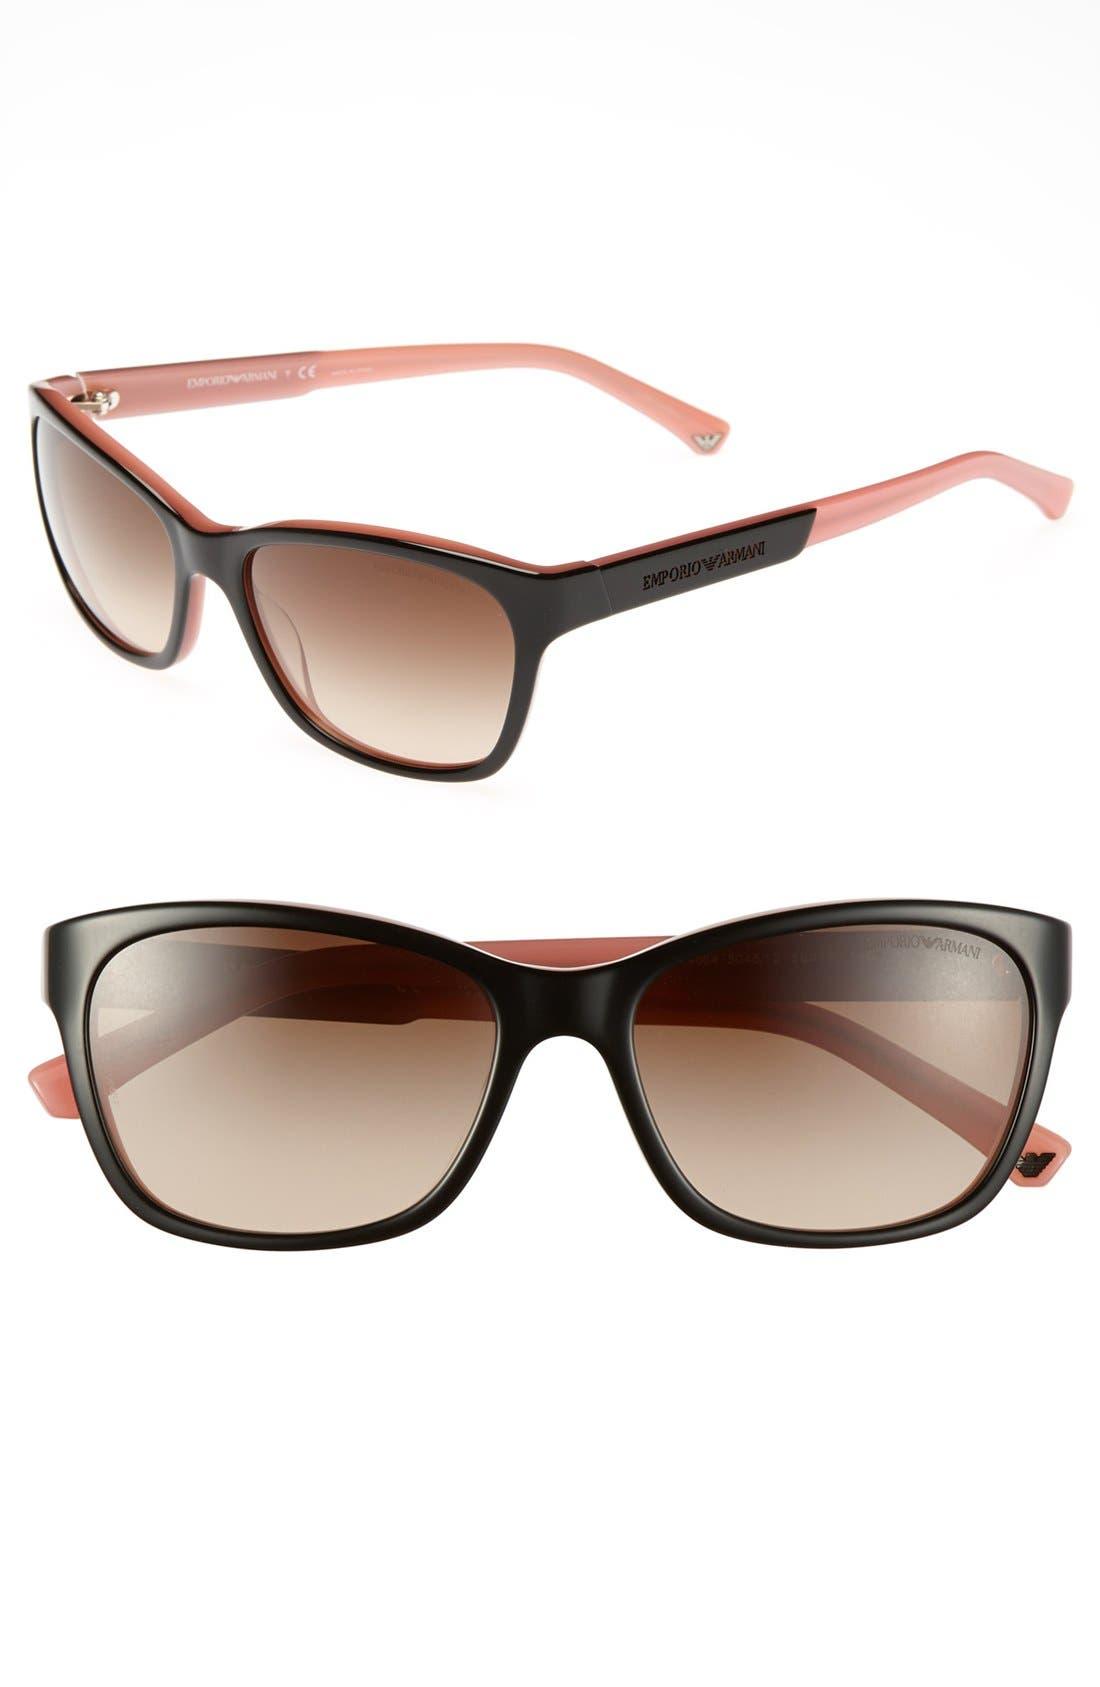 Main Image - Emporio Armani 56mm Retro Sunglasses